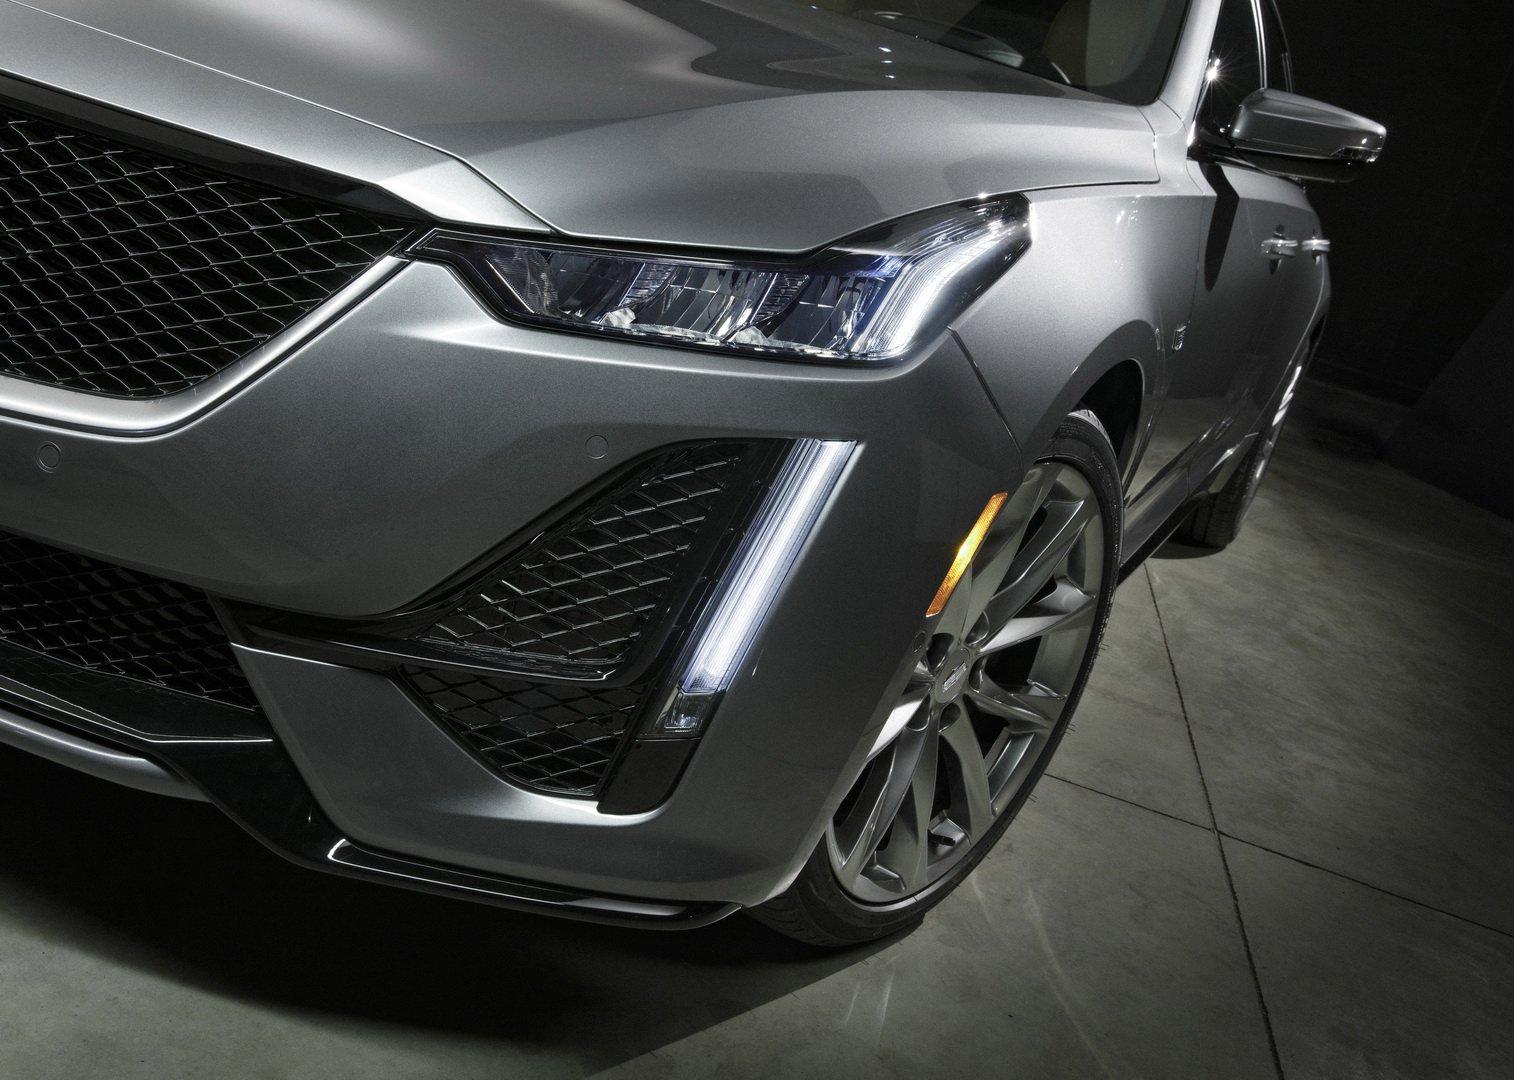 2020 cadillac ct5 replaces cts sedan, starts at $37,890